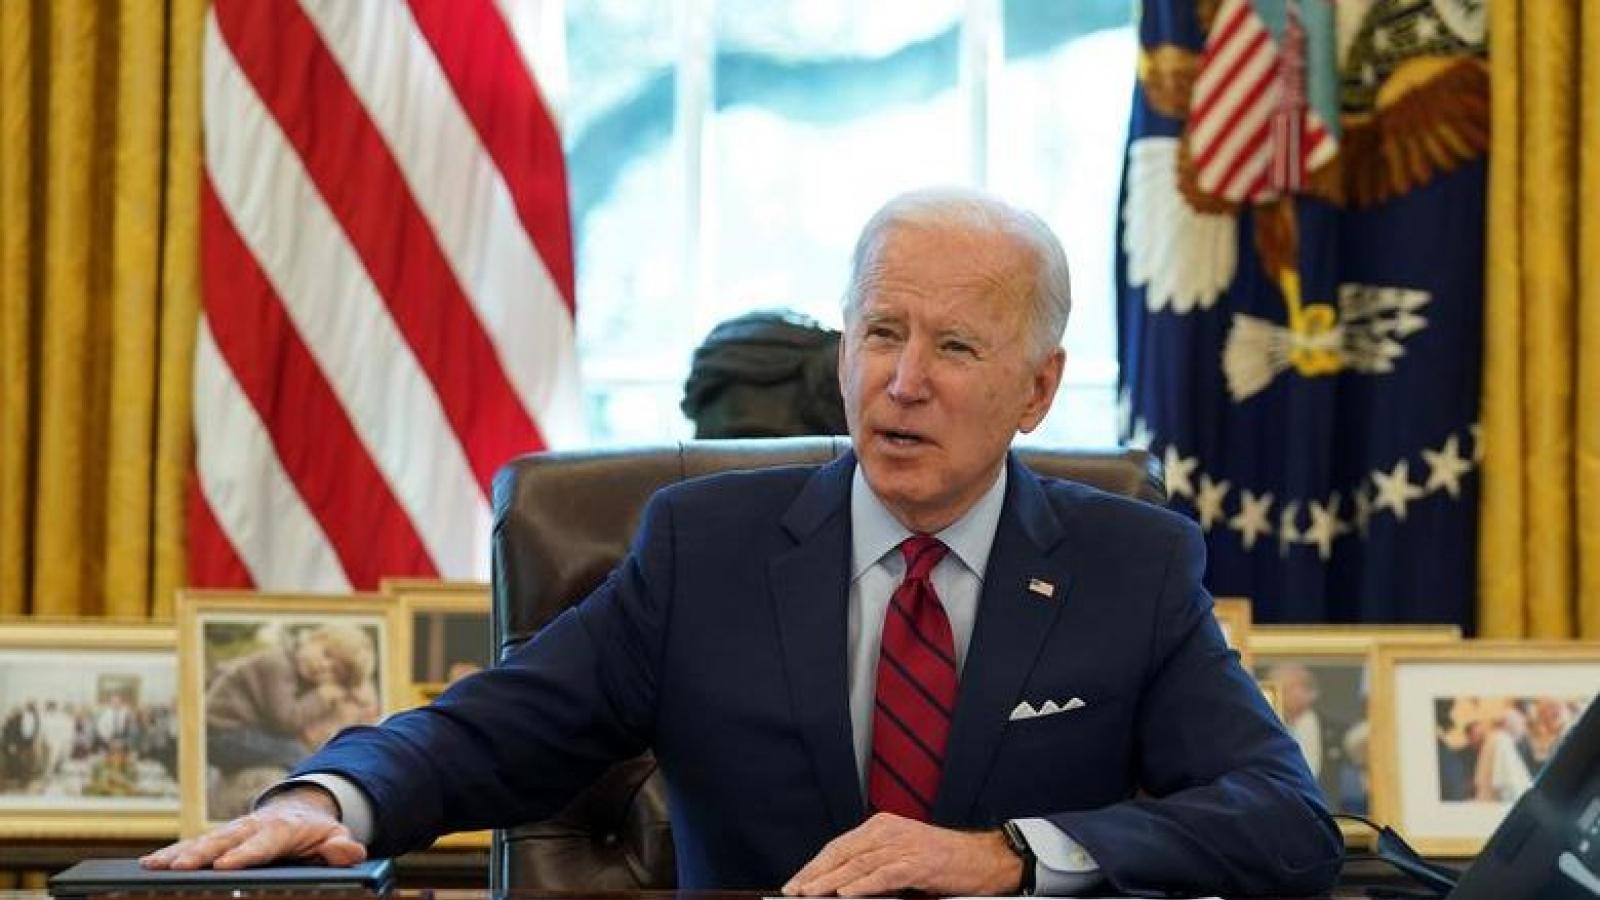 """Chính quyền Biden """"từng bước"""" thực hiện các cam kết ở châu Á -Thái Bình Dương"""